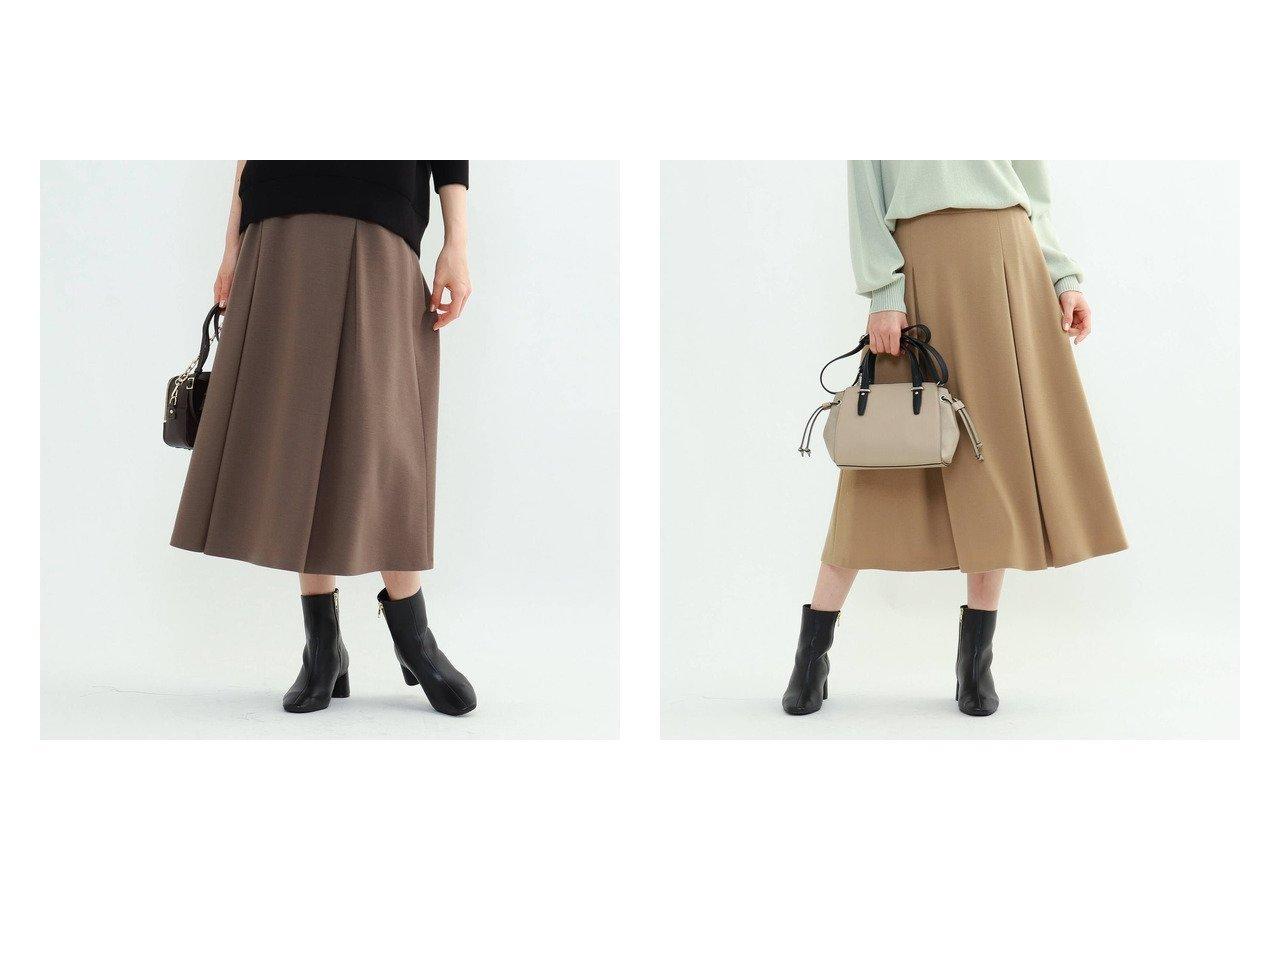 【INDIVI/インディヴィ】のジェームスミルドジャージスカート スカートのおすすめ!人気トレンド・レディースファッションの通販 おすすめで人気の流行・トレンド、ファッションの通販商品 メンズファッション・キッズファッション・インテリア・家具・レディースファッション・服の通販 founy(ファニー) https://founy.com/ ファッション Fashion レディースファッション WOMEN スカート Skirt インナー フレア ポケット A/W 秋冬 Autumn &  Winter |ID:crp329100000008775